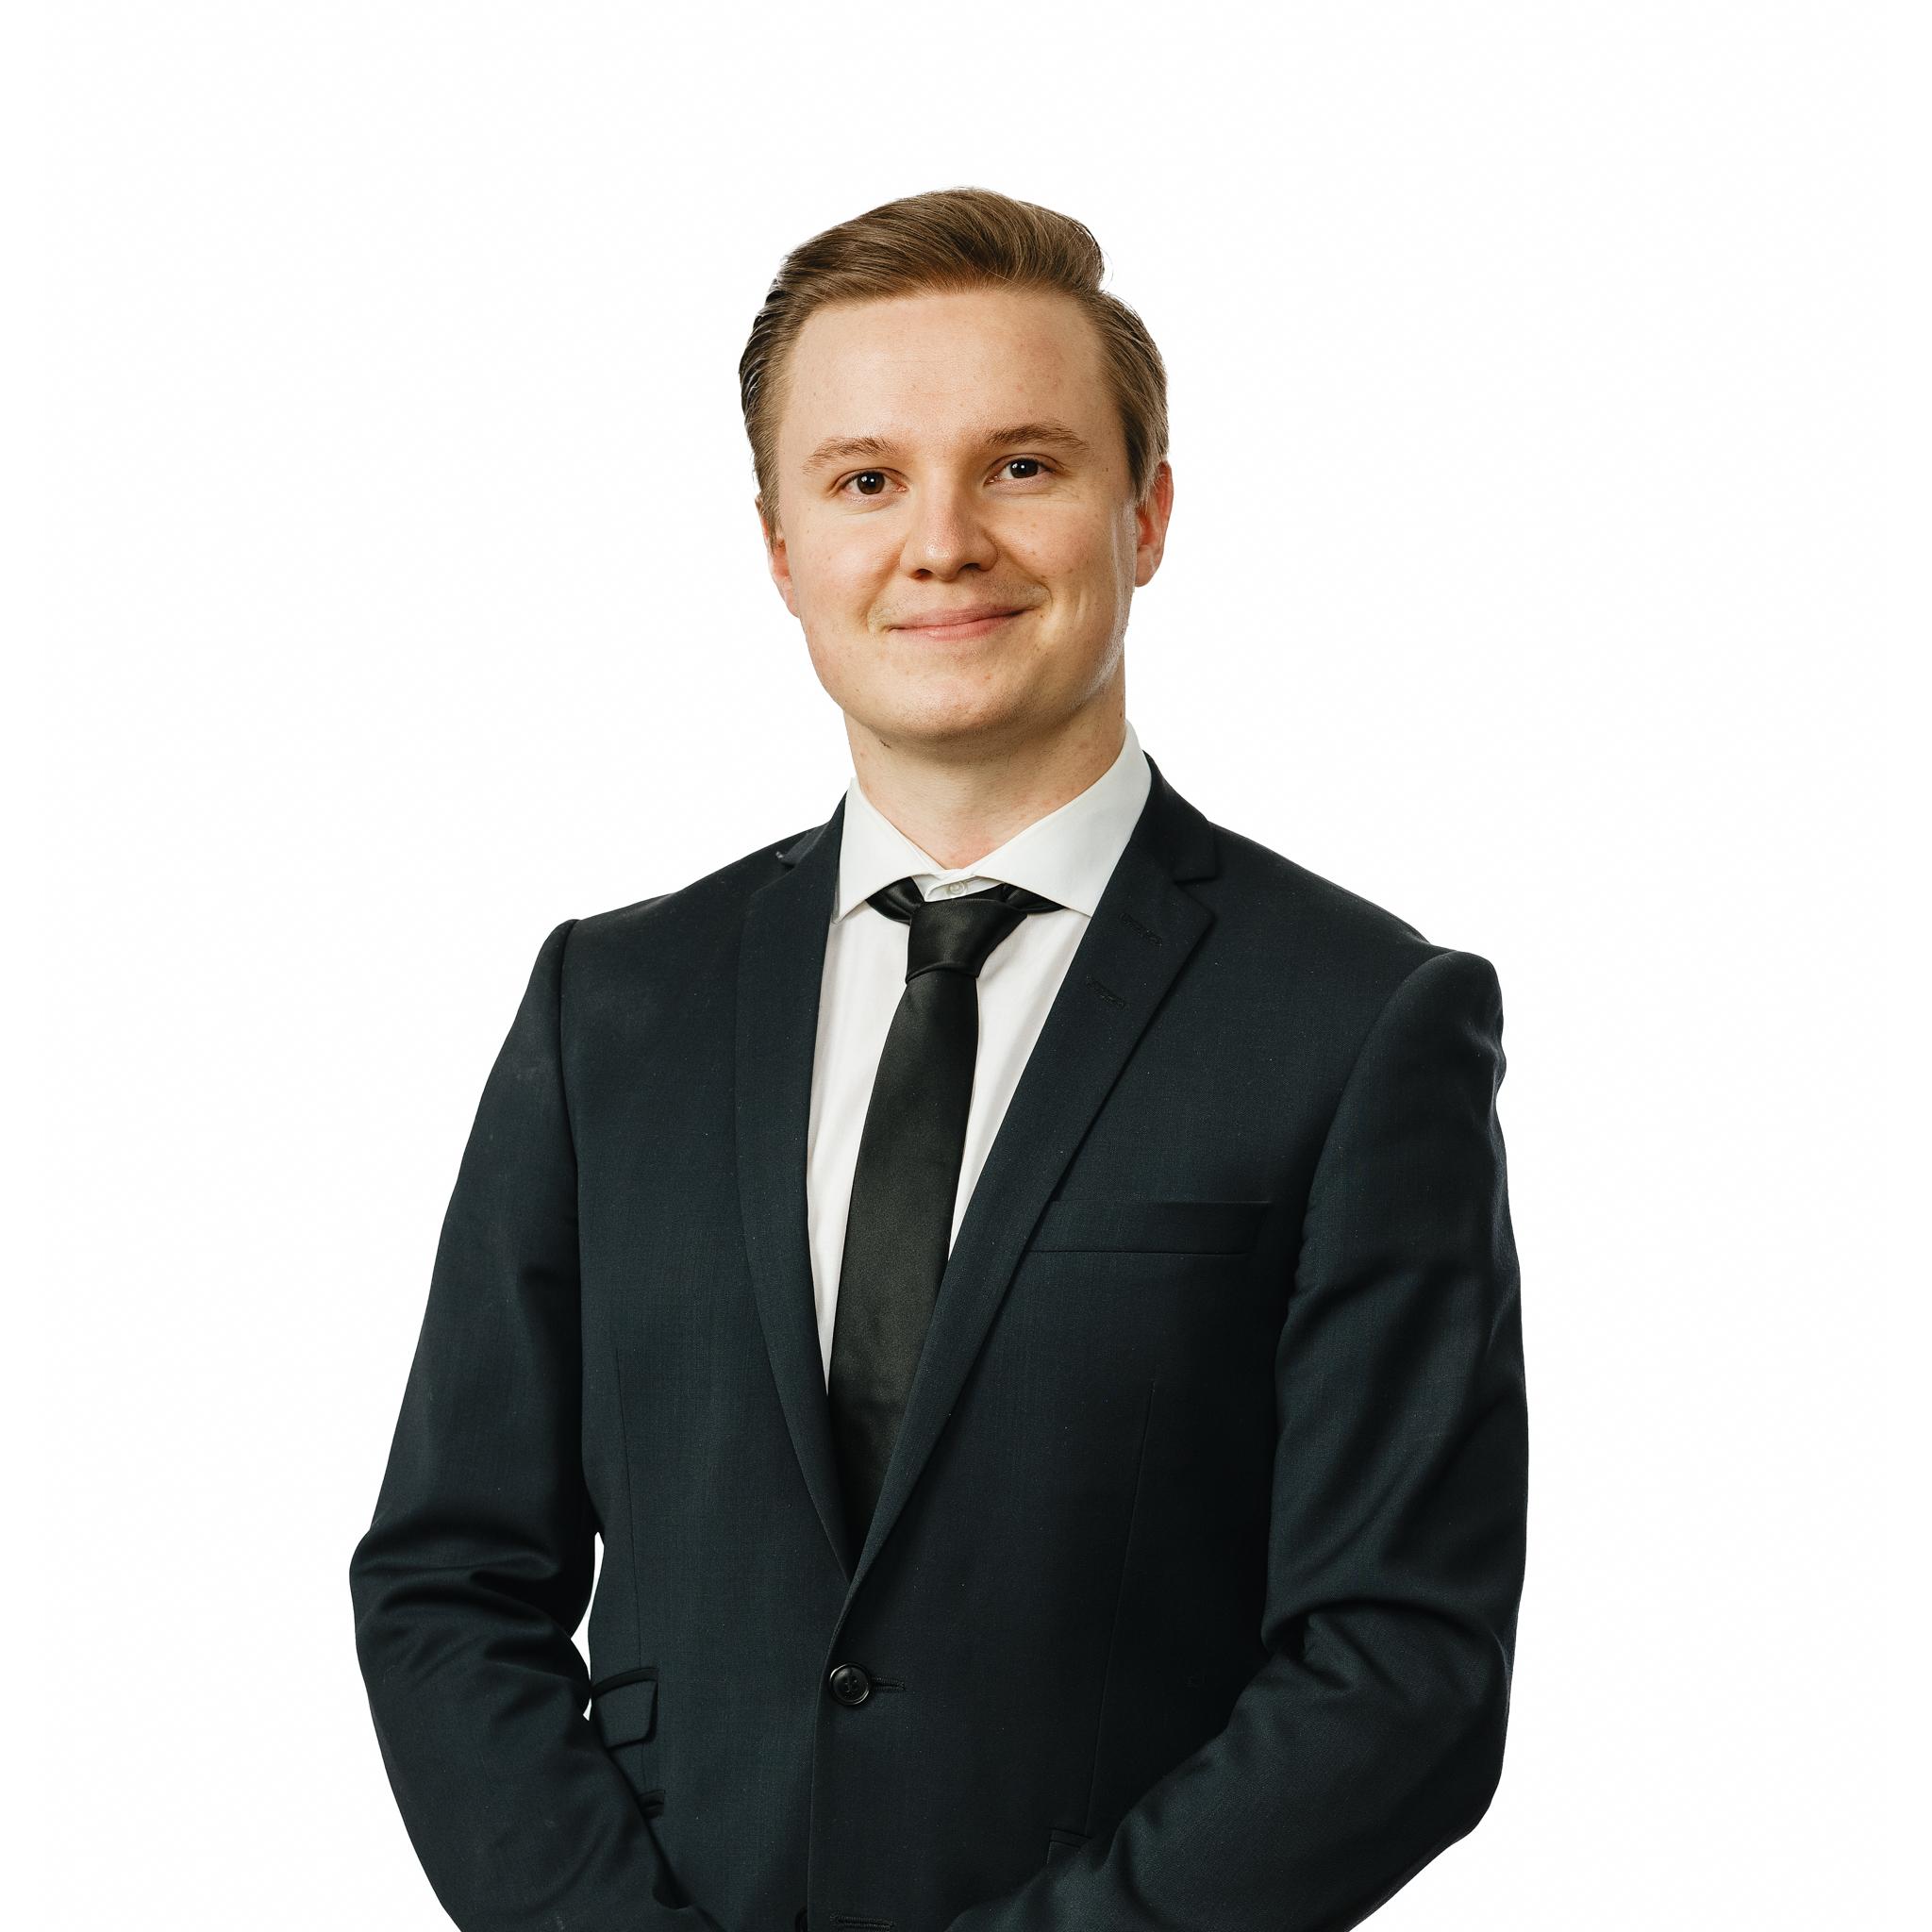 Juho Virtanen